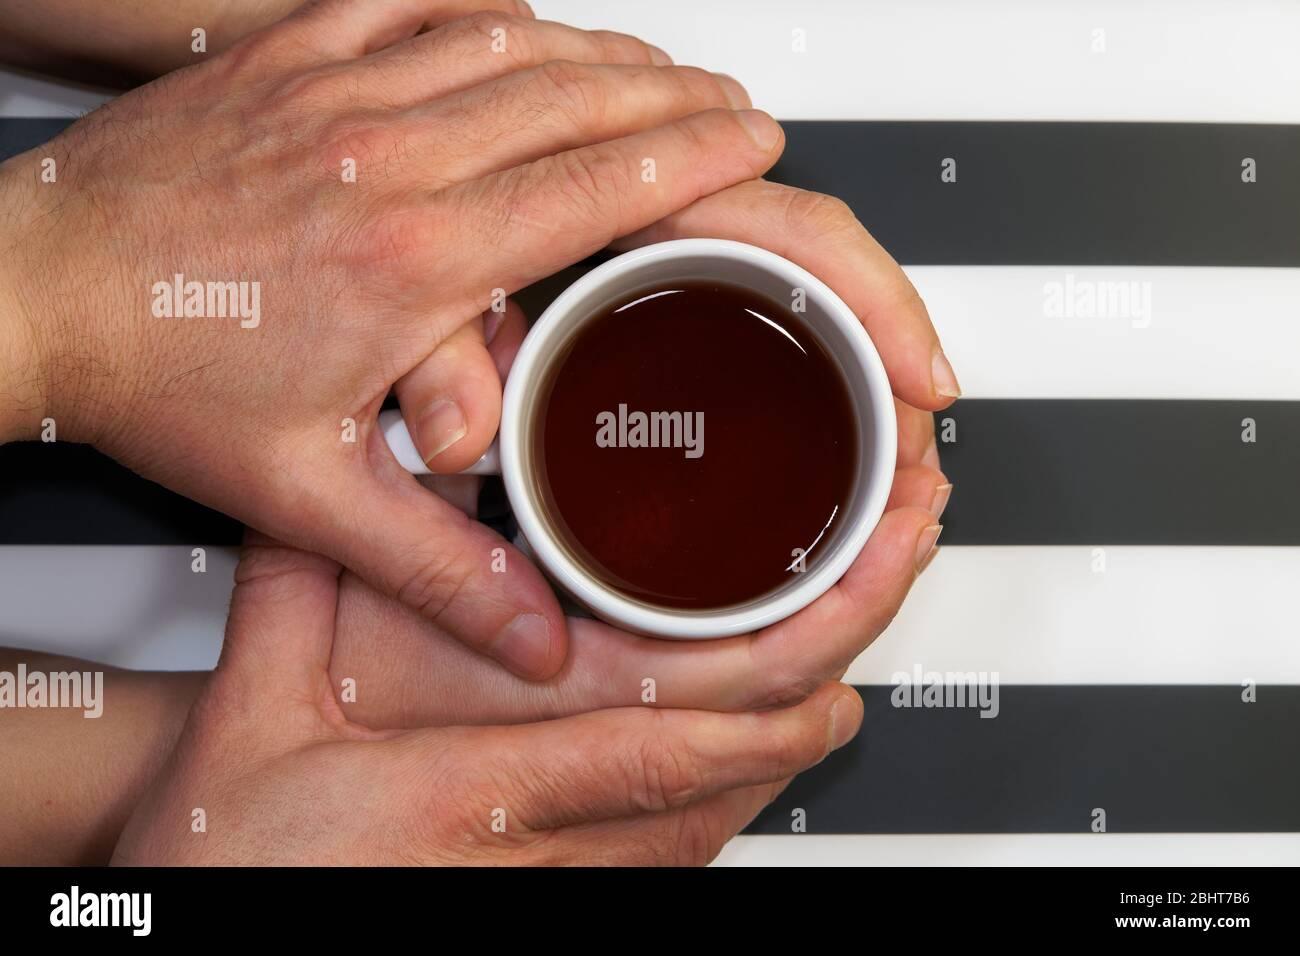 Coppia amorevole sul rapporto, affettuosamente tenendo le mani sopra la tazza della bevanda vista superiore.maschio teneramente che tocca le mani femminili che tengono una tazza del tè a casa Foto Stock